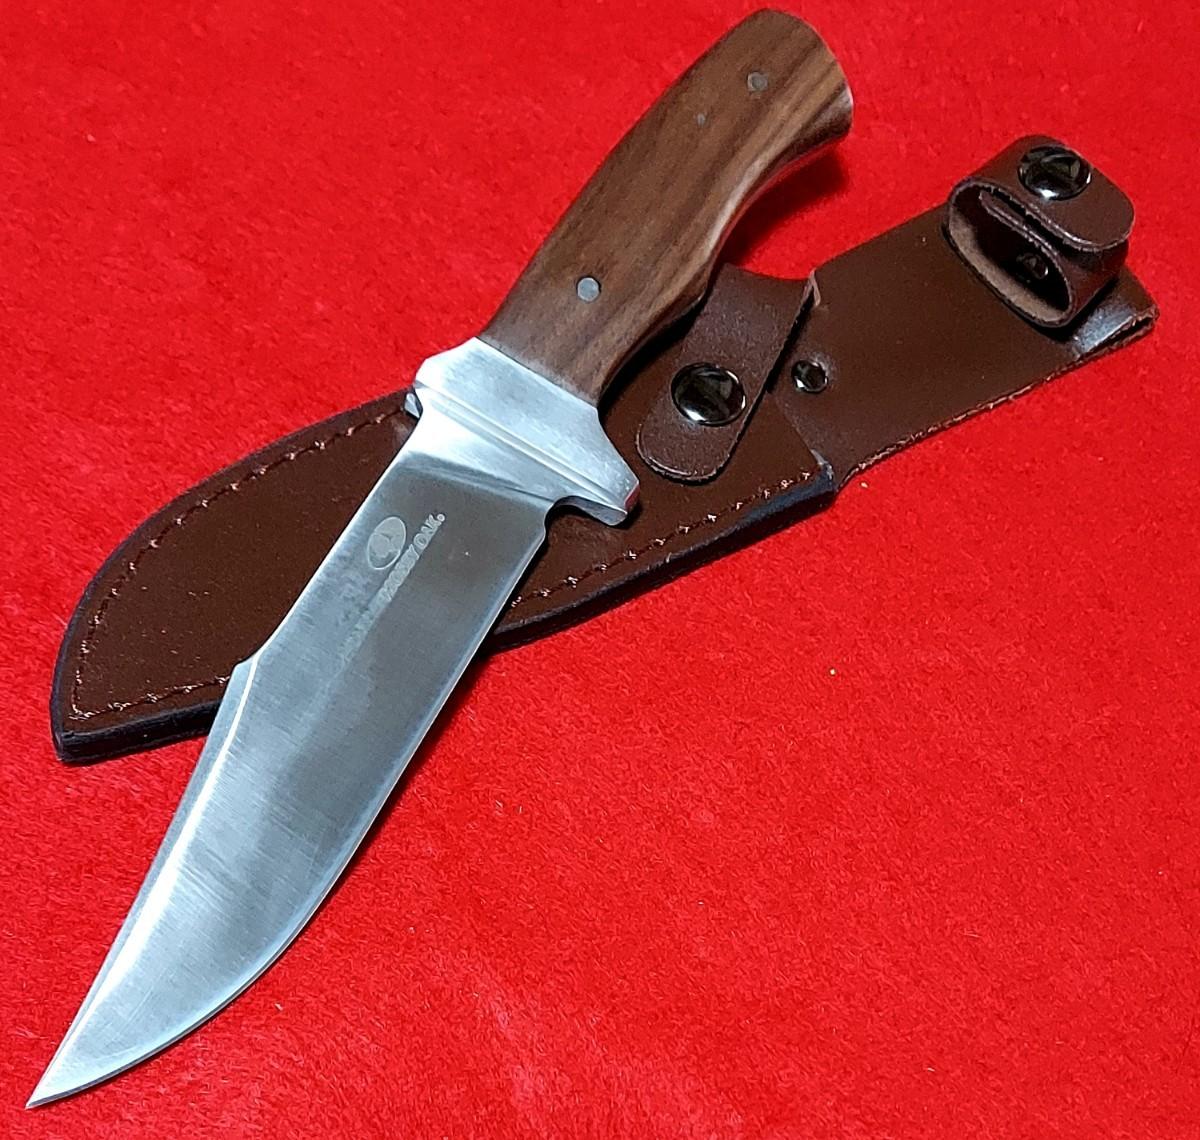 フルタング ボウイナイフ サバイバルナイフ シースナイフ アウトドアナイフ